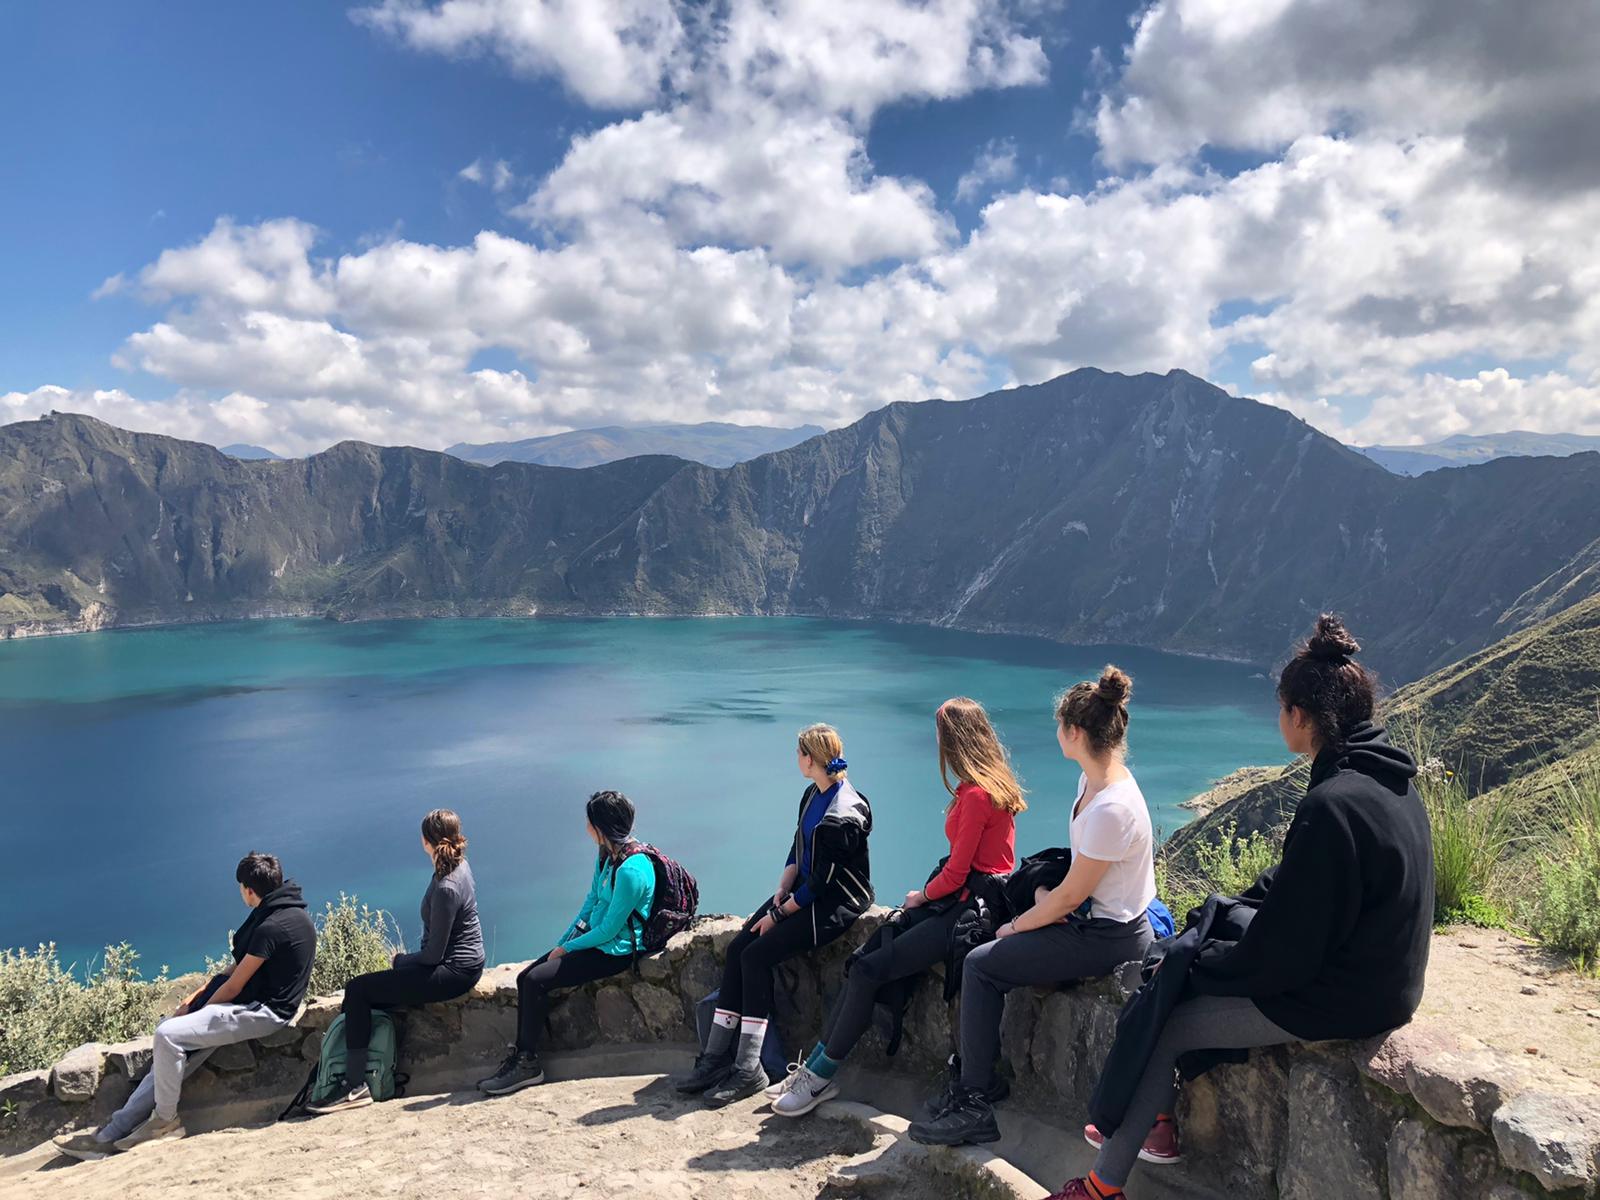 JSED_World_Ecuador_Mountain Lake_Youth